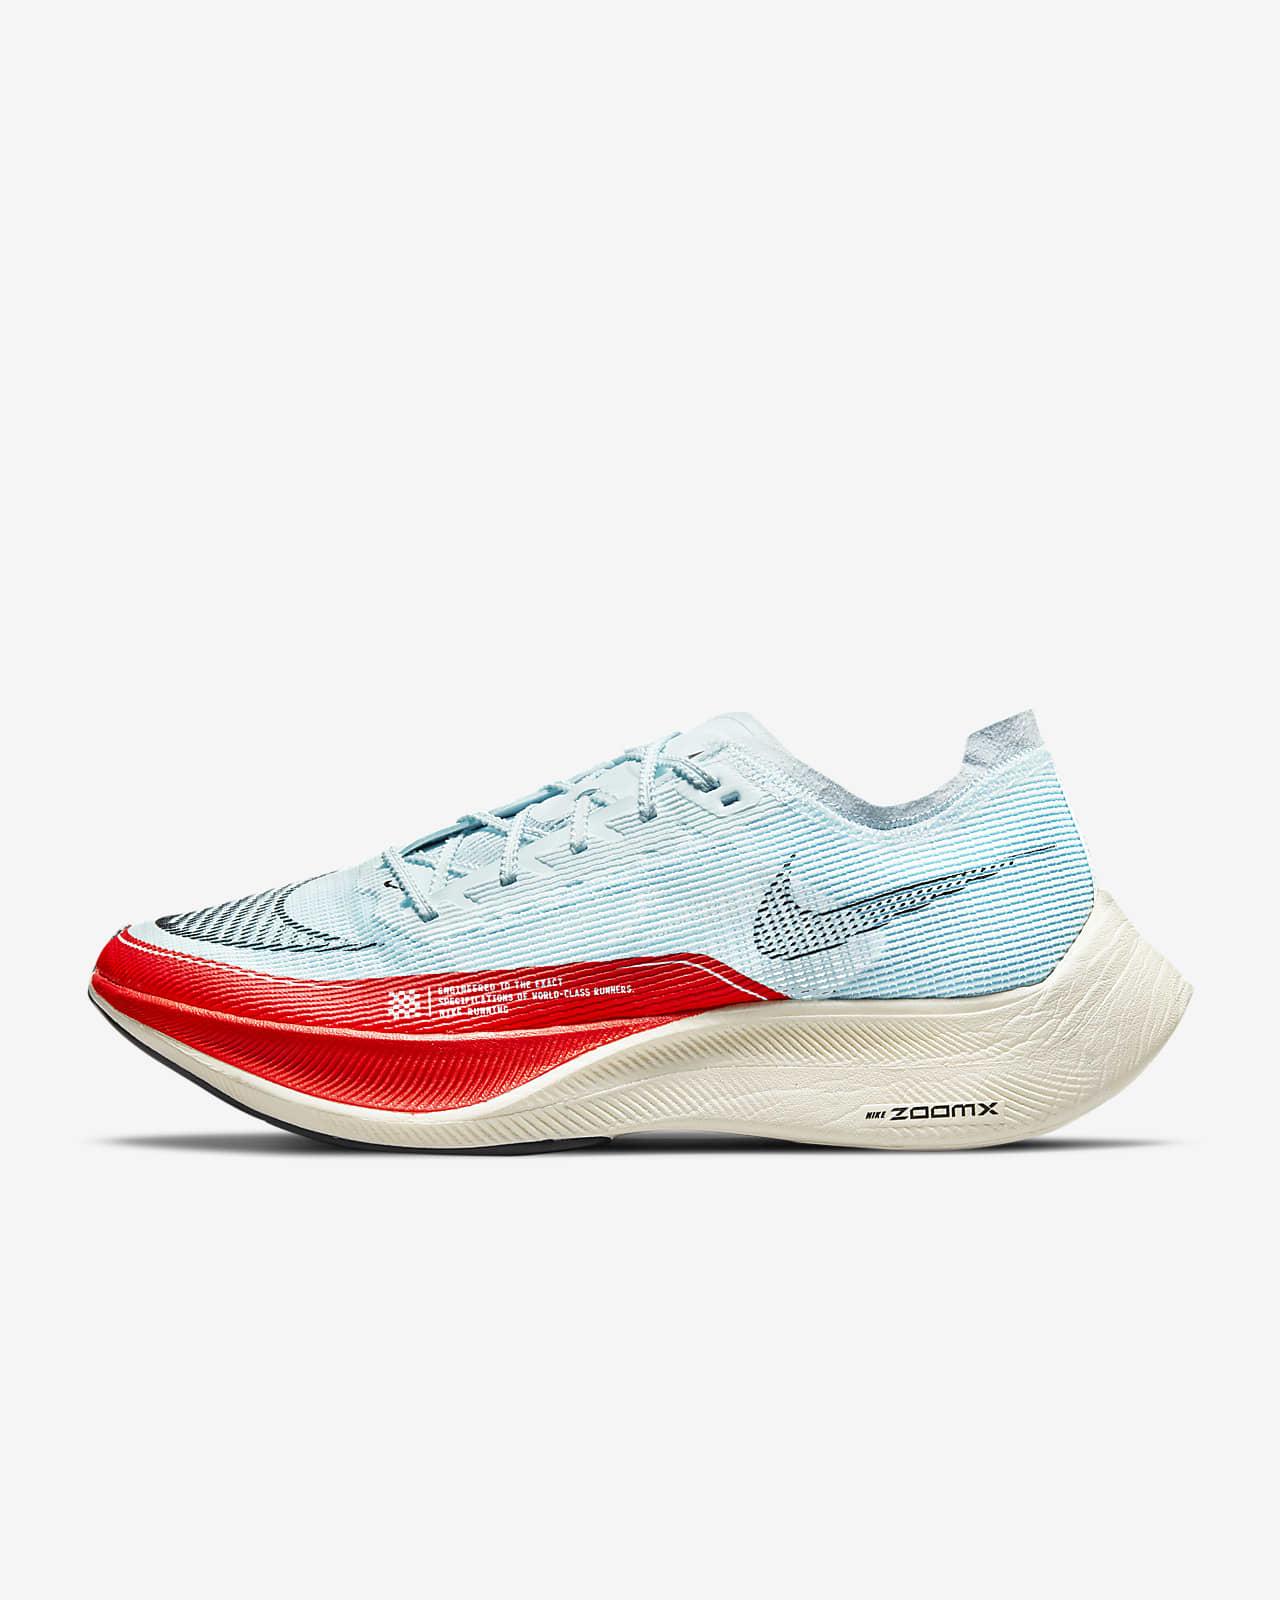 Nike ZoomX Vaporfly Next% 2 «OG» konkurransesko til herre